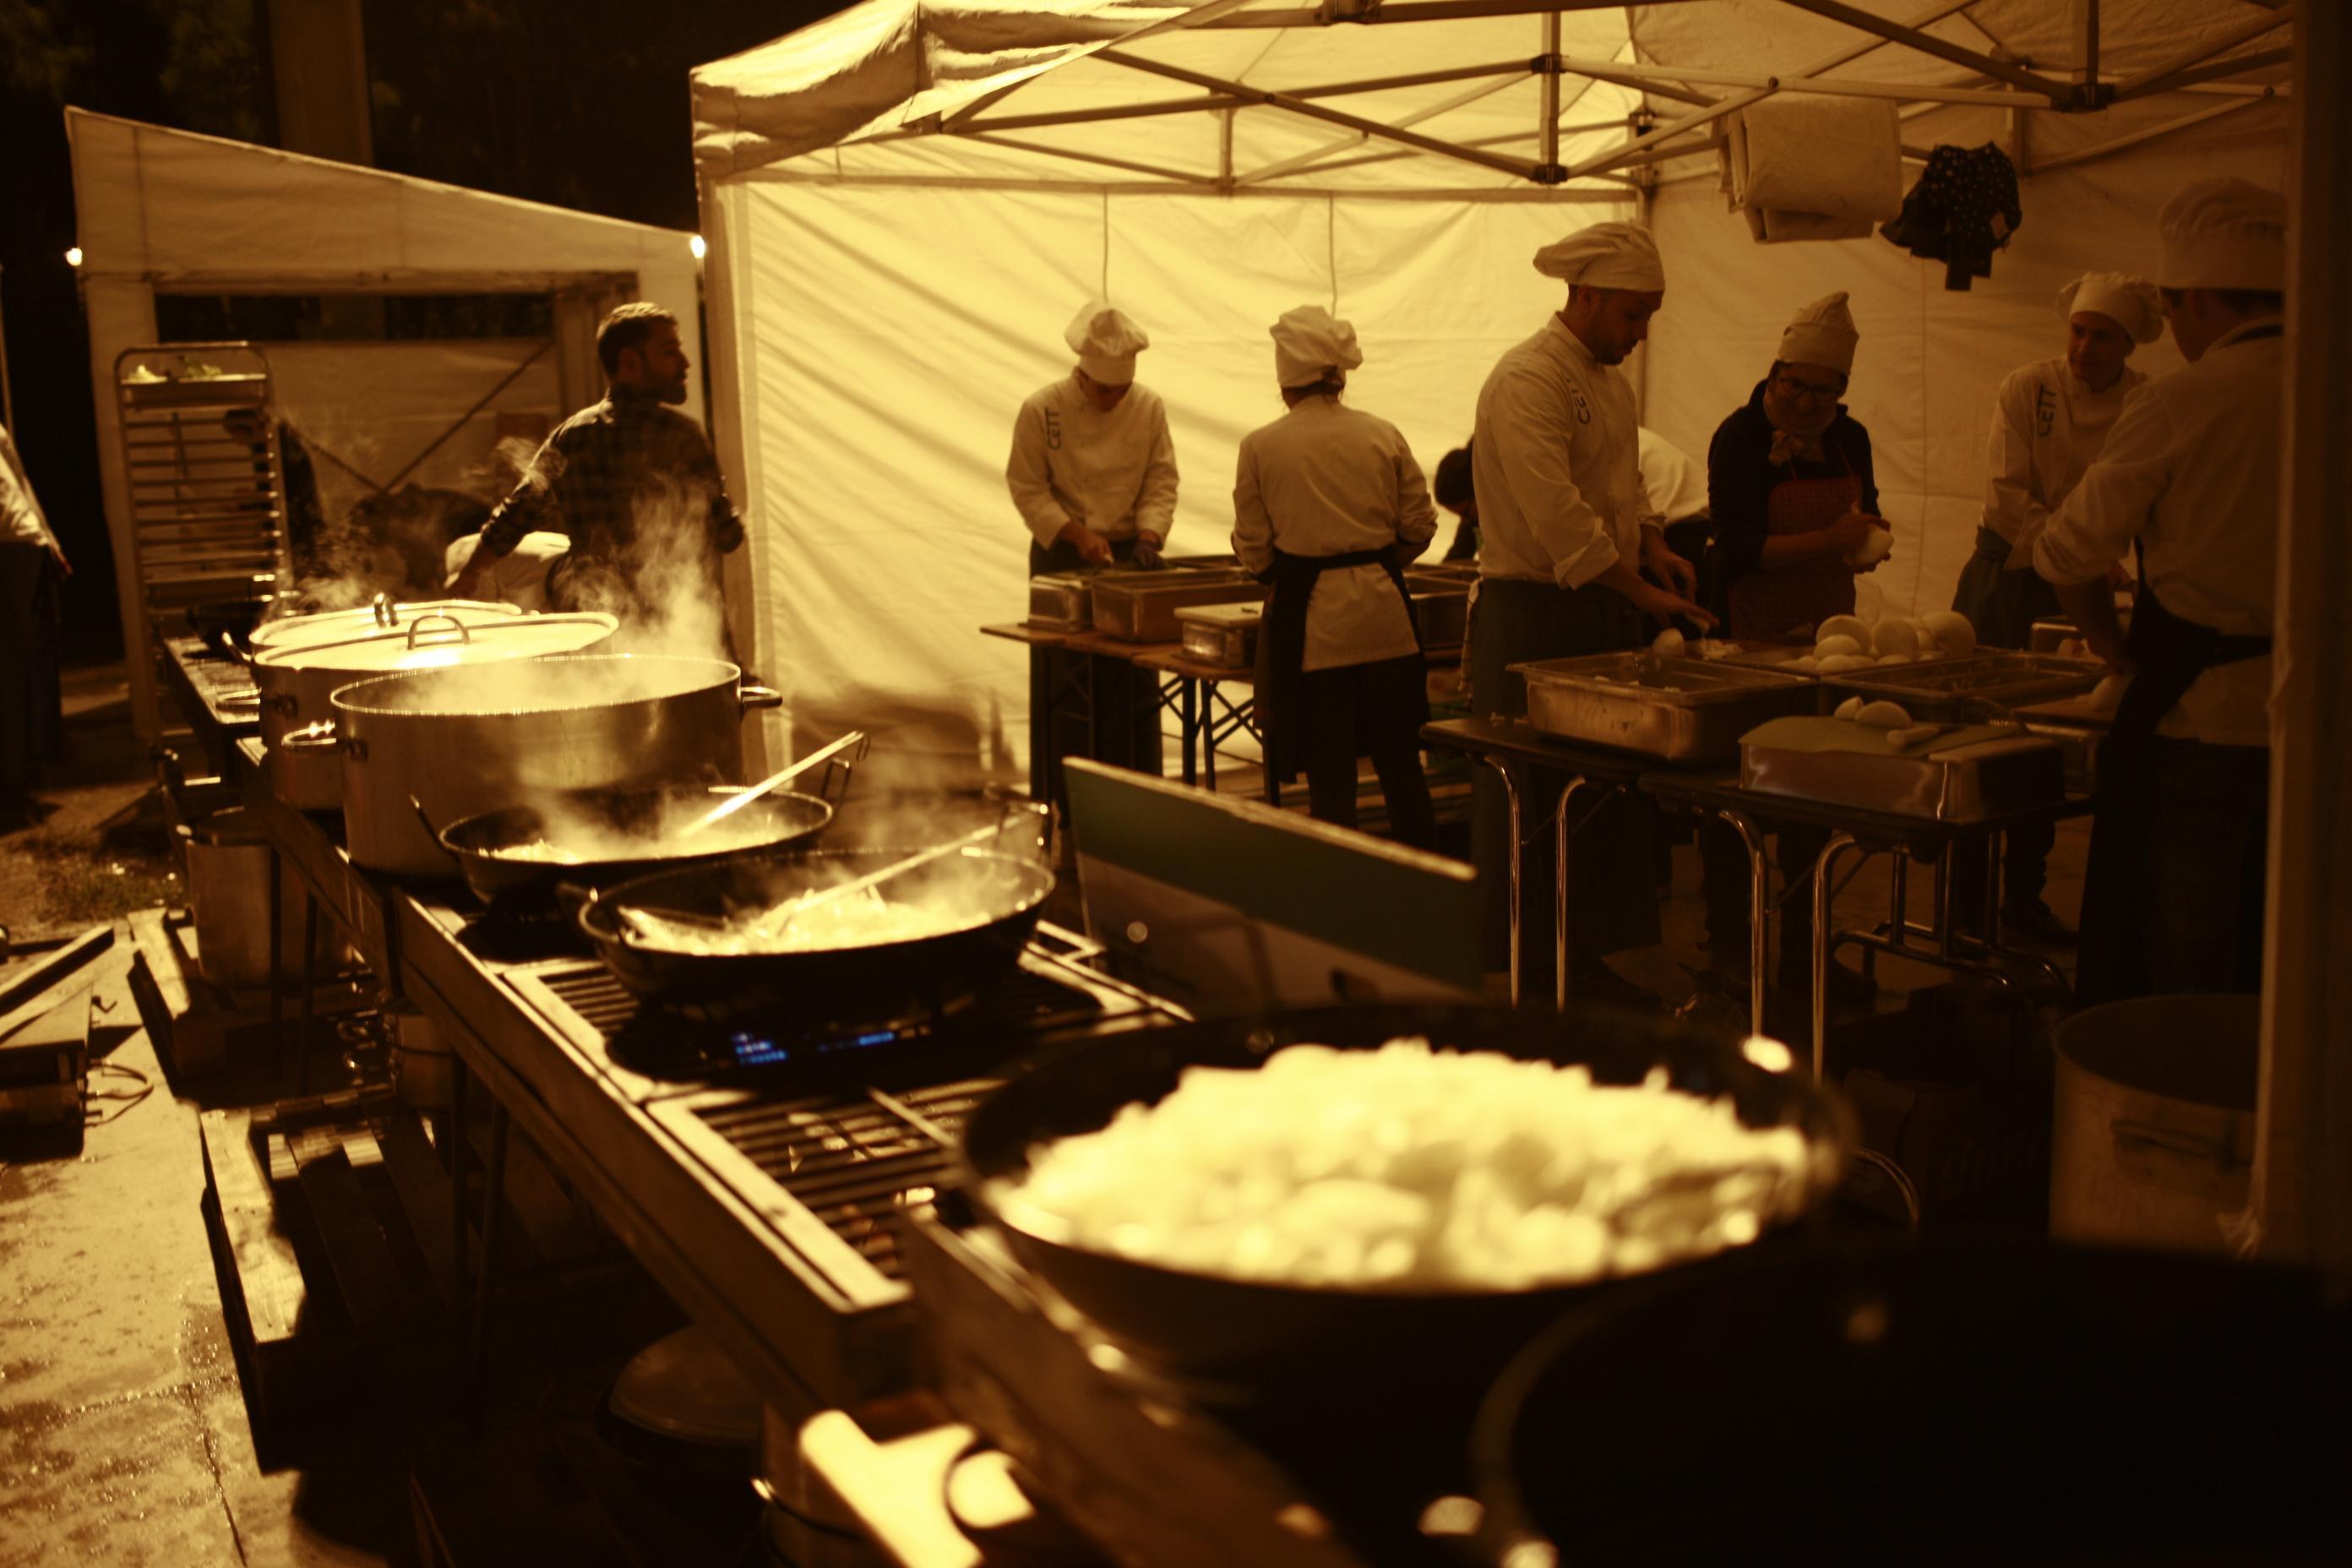 Preparación de algunos platos la noche antes